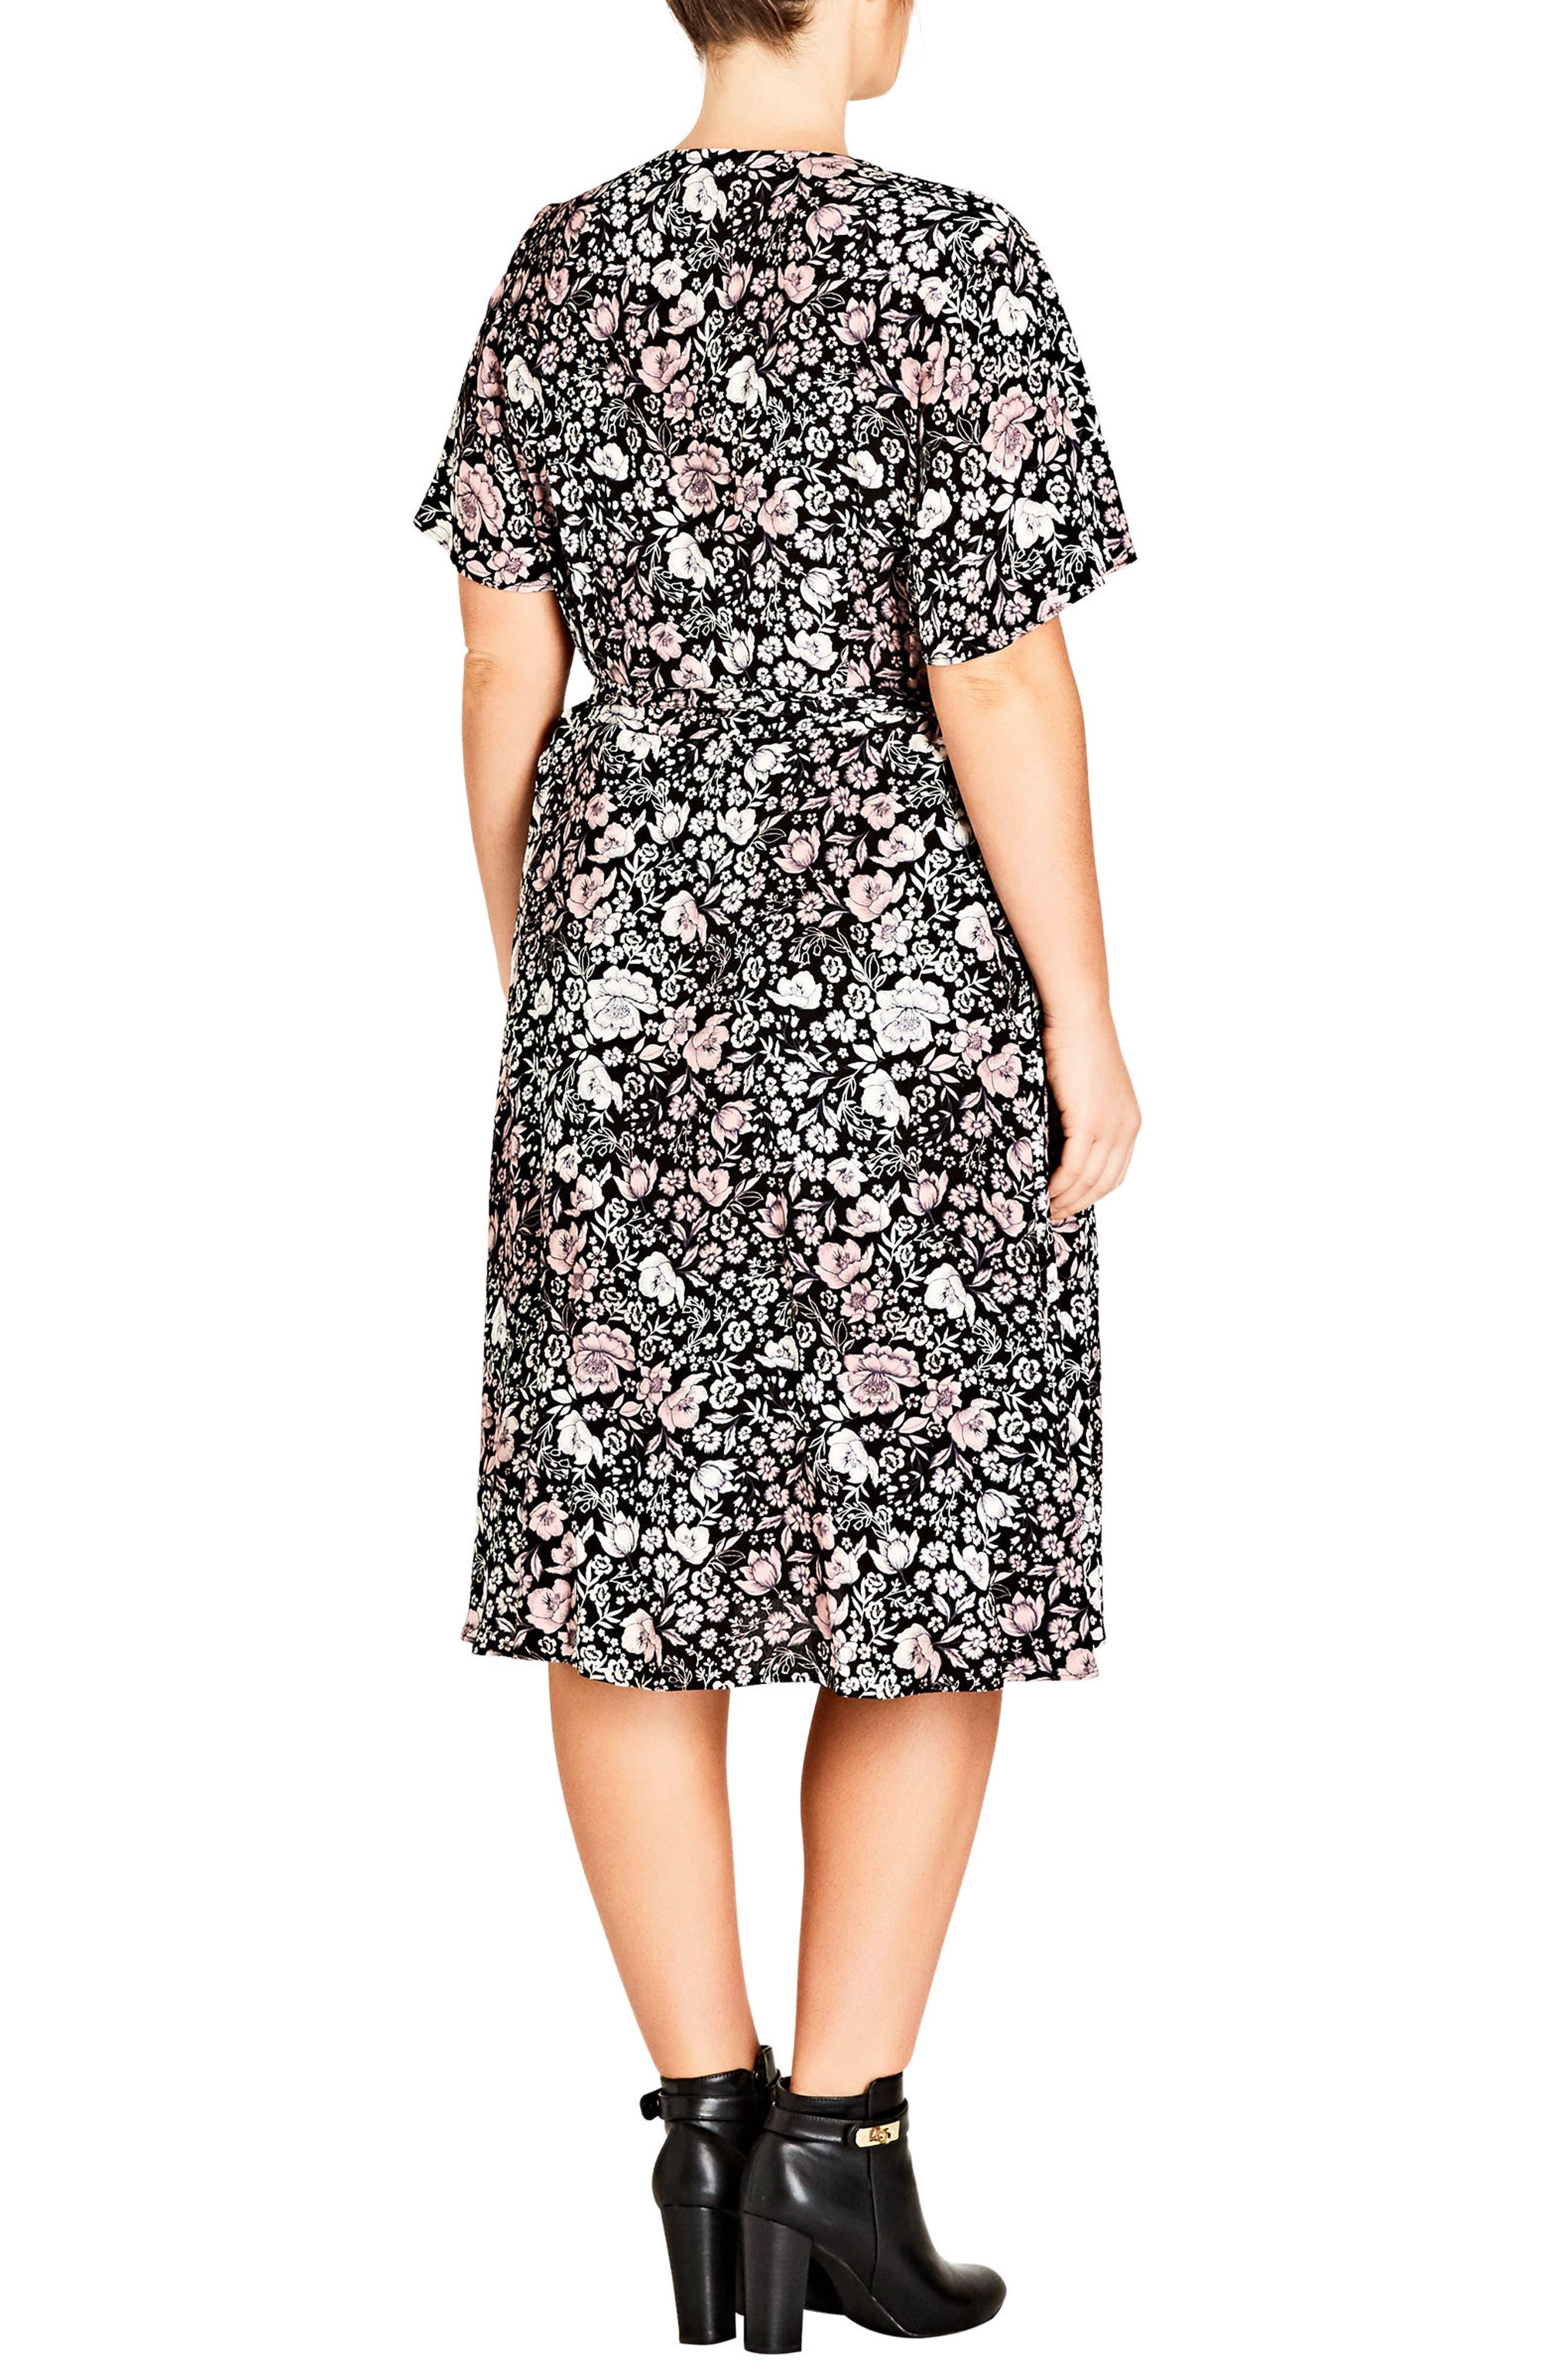 Etched Floral Wrap Dress,                             Alternate thumbnail 2, color,